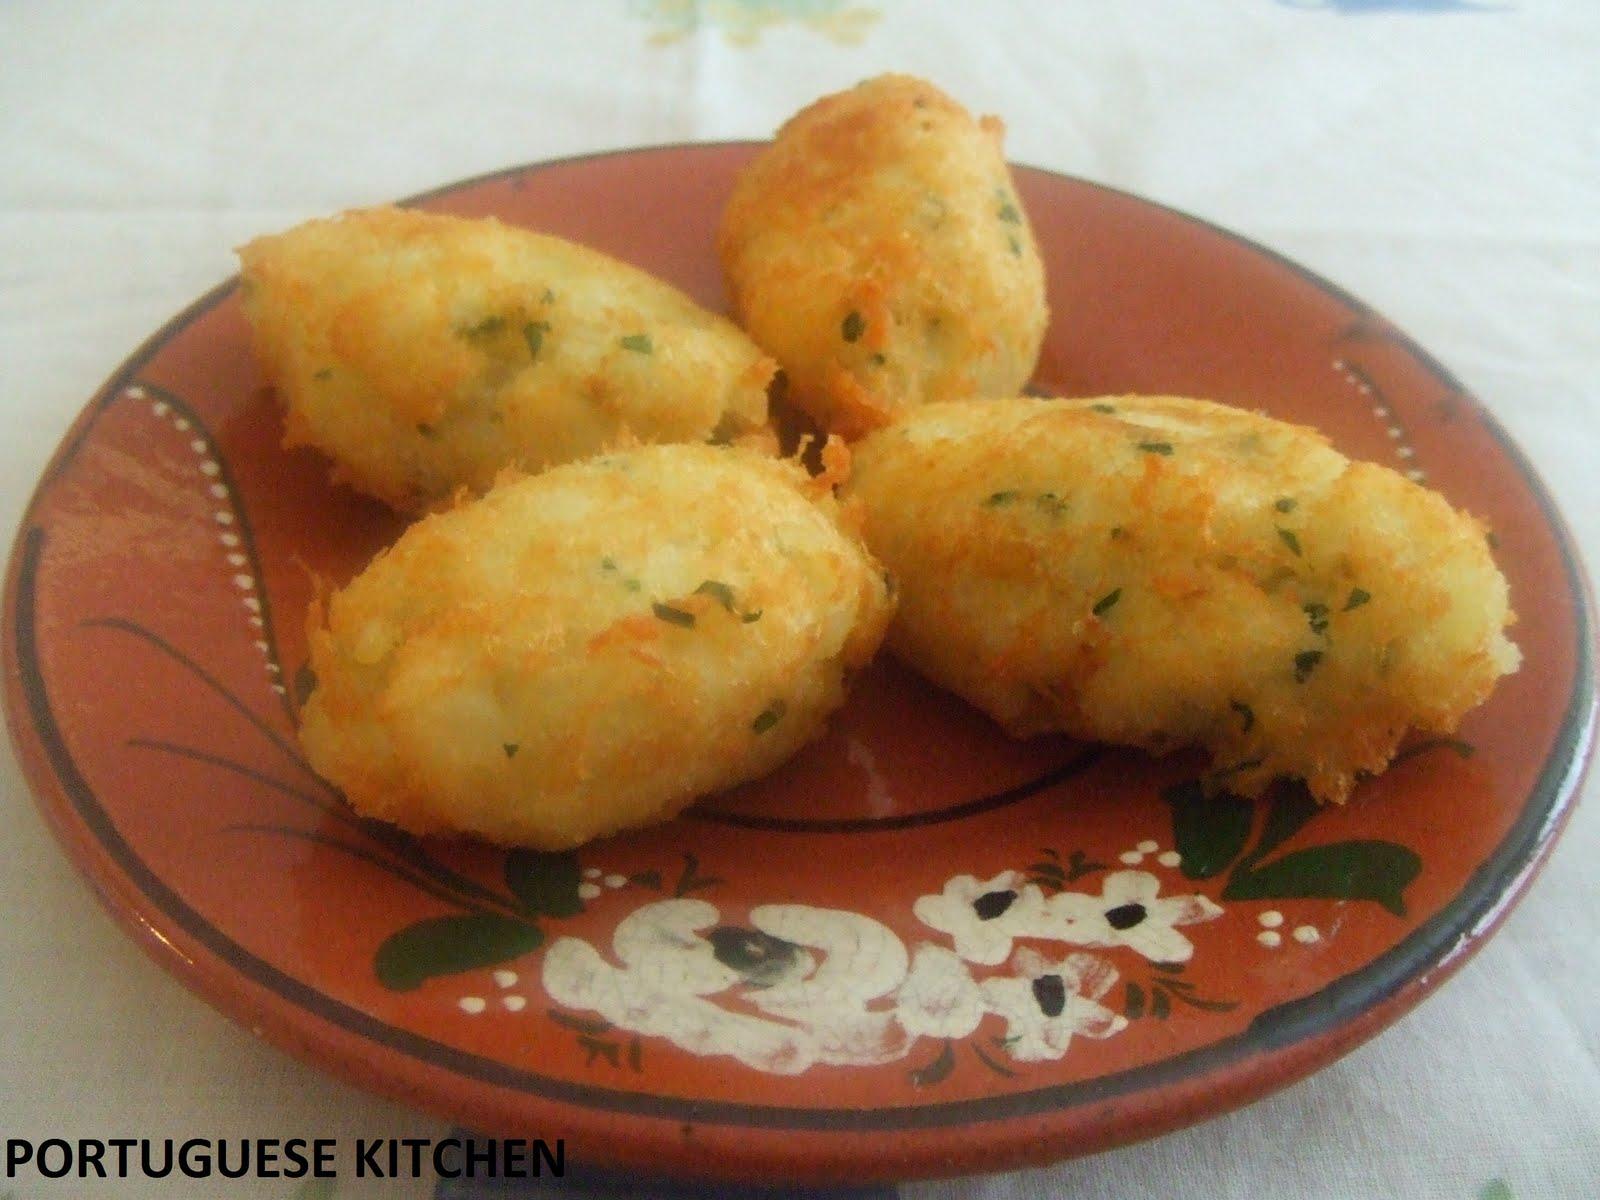 Portuguese Kitchen: Codfish Cakes - Pasteis de Bacalhau